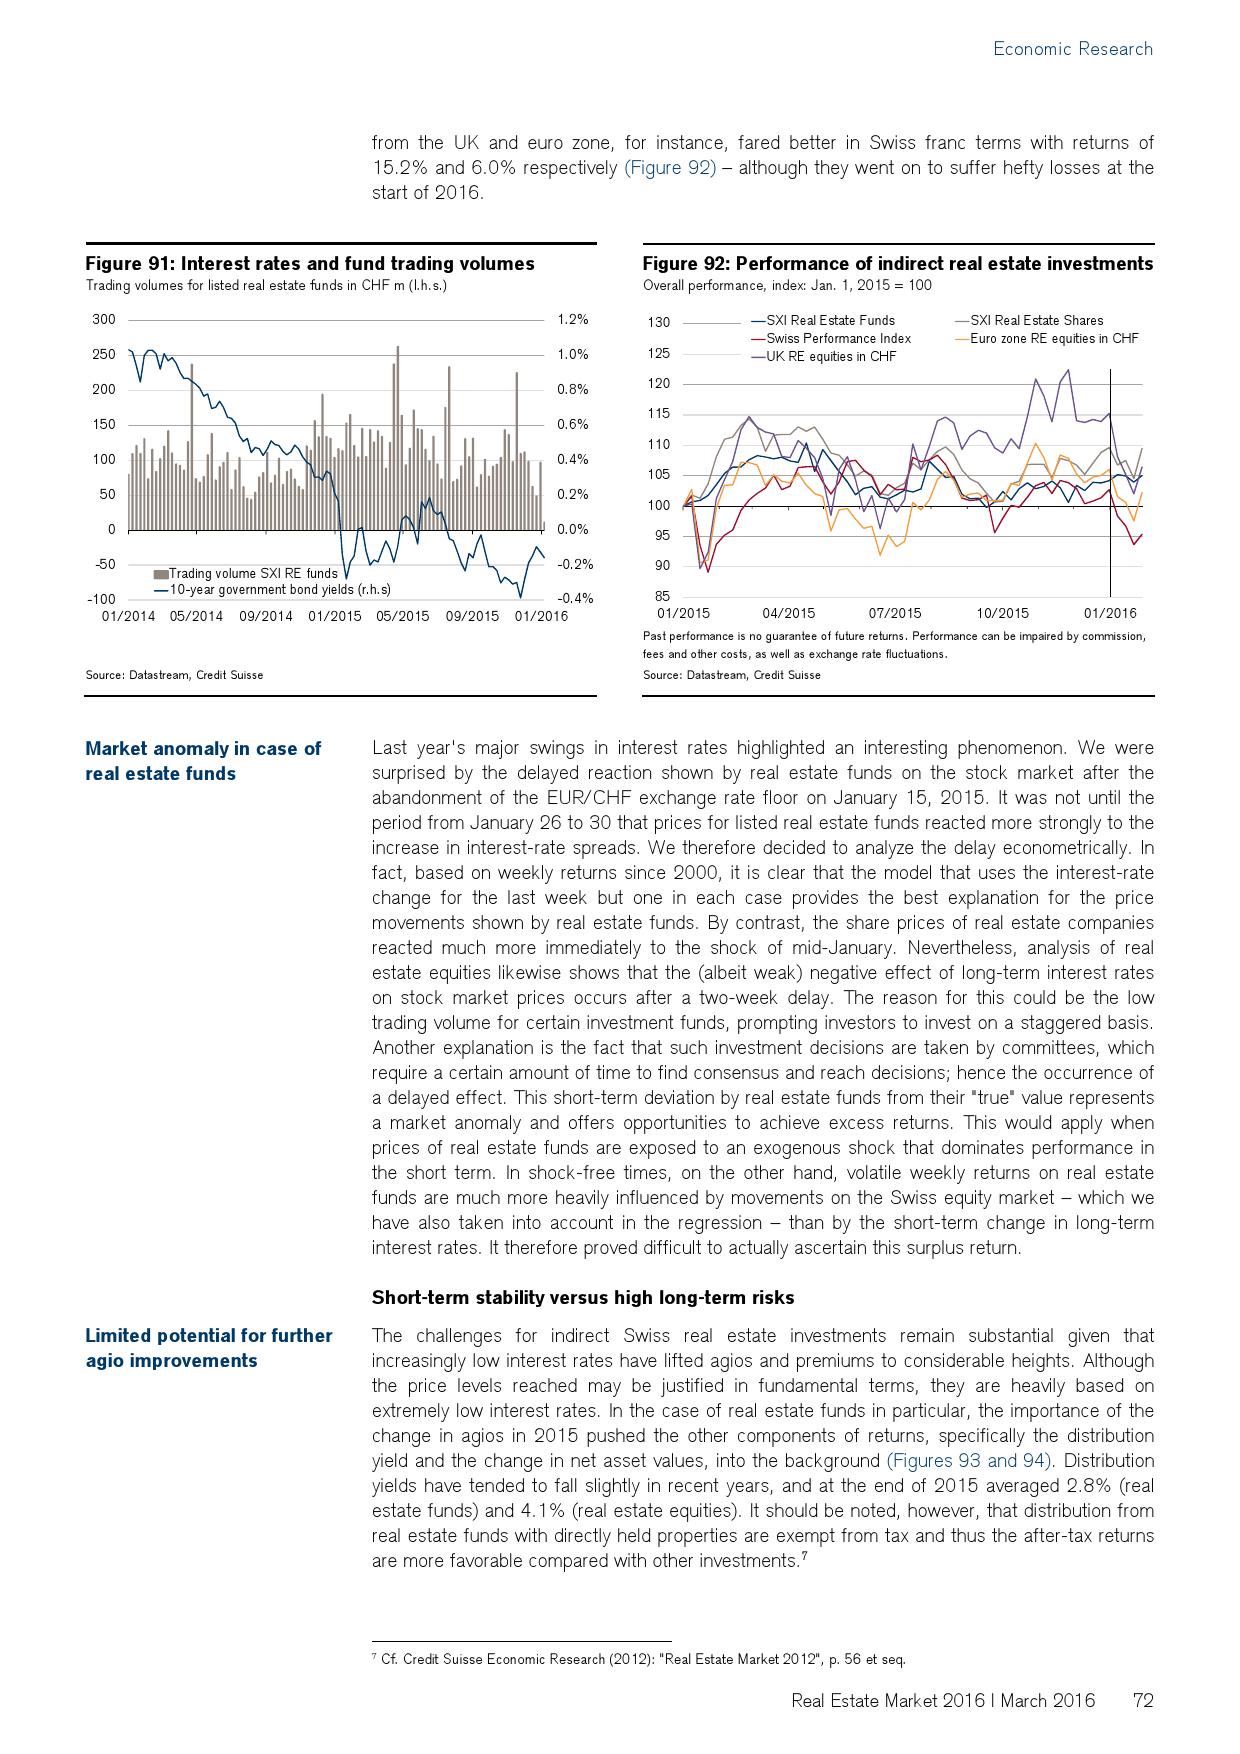 2016年瑞士房地产市场研究报告_000072